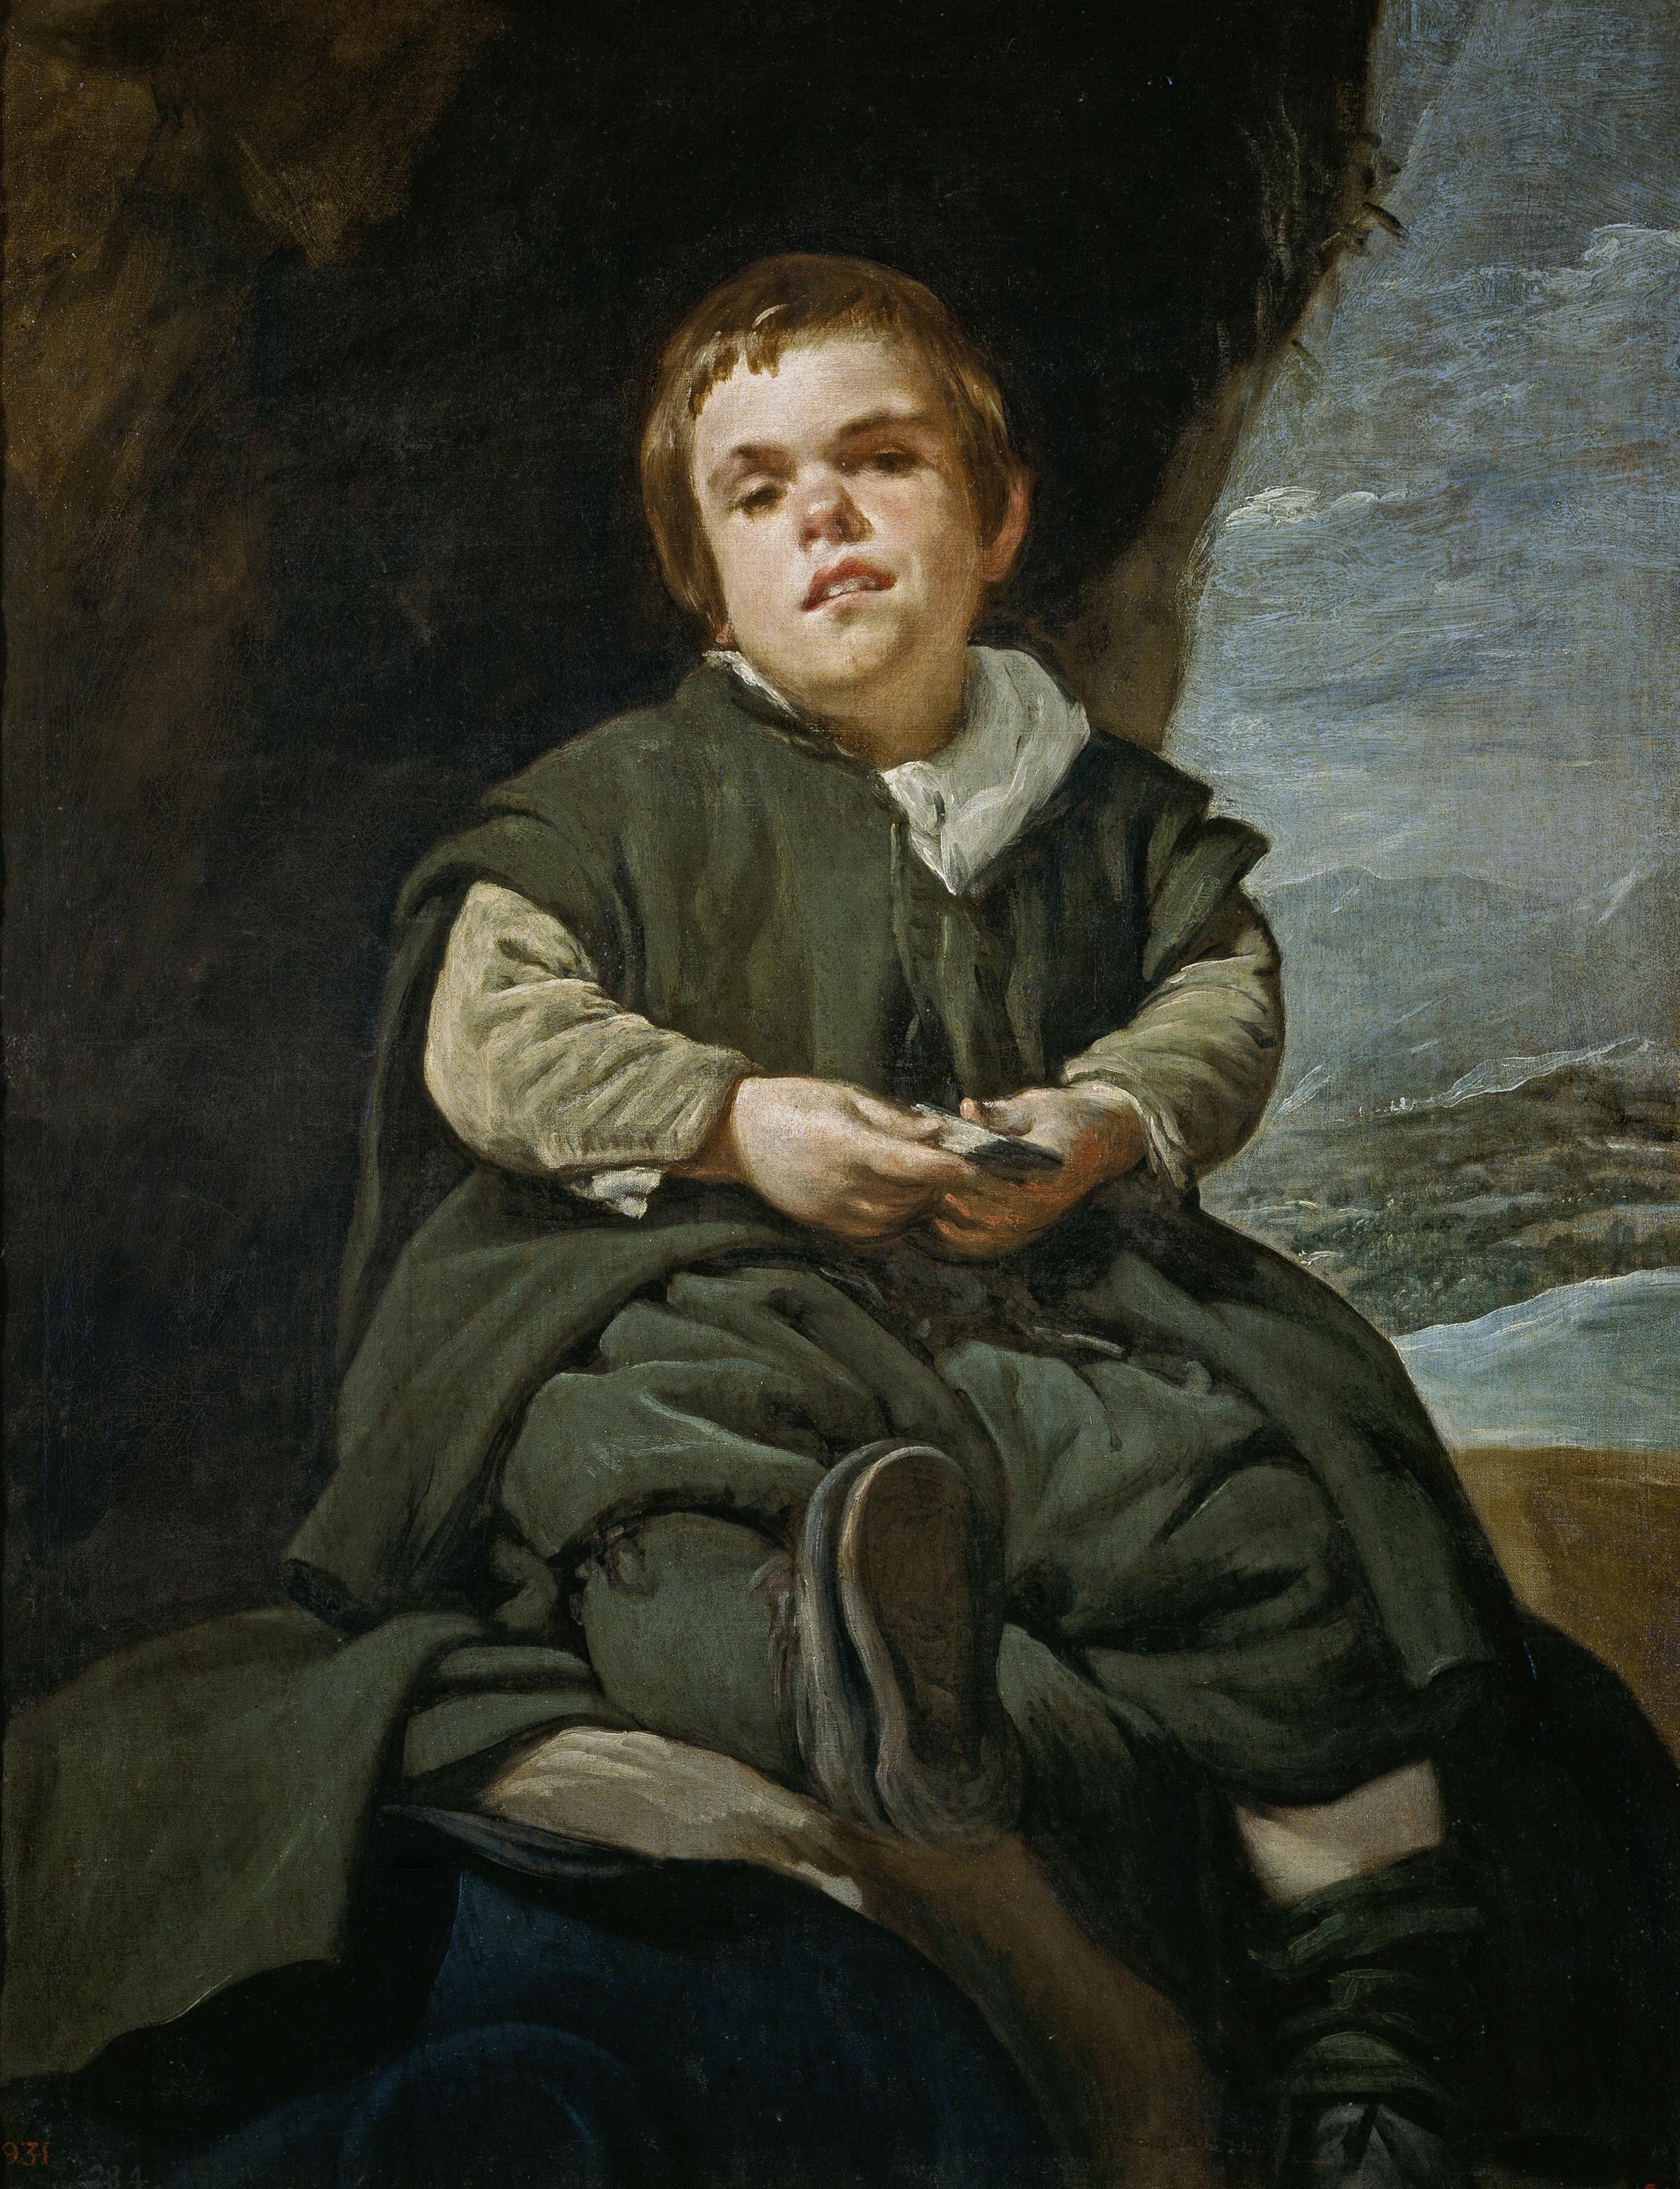 Francisco Lezcano, l'Enfant de Vallecas